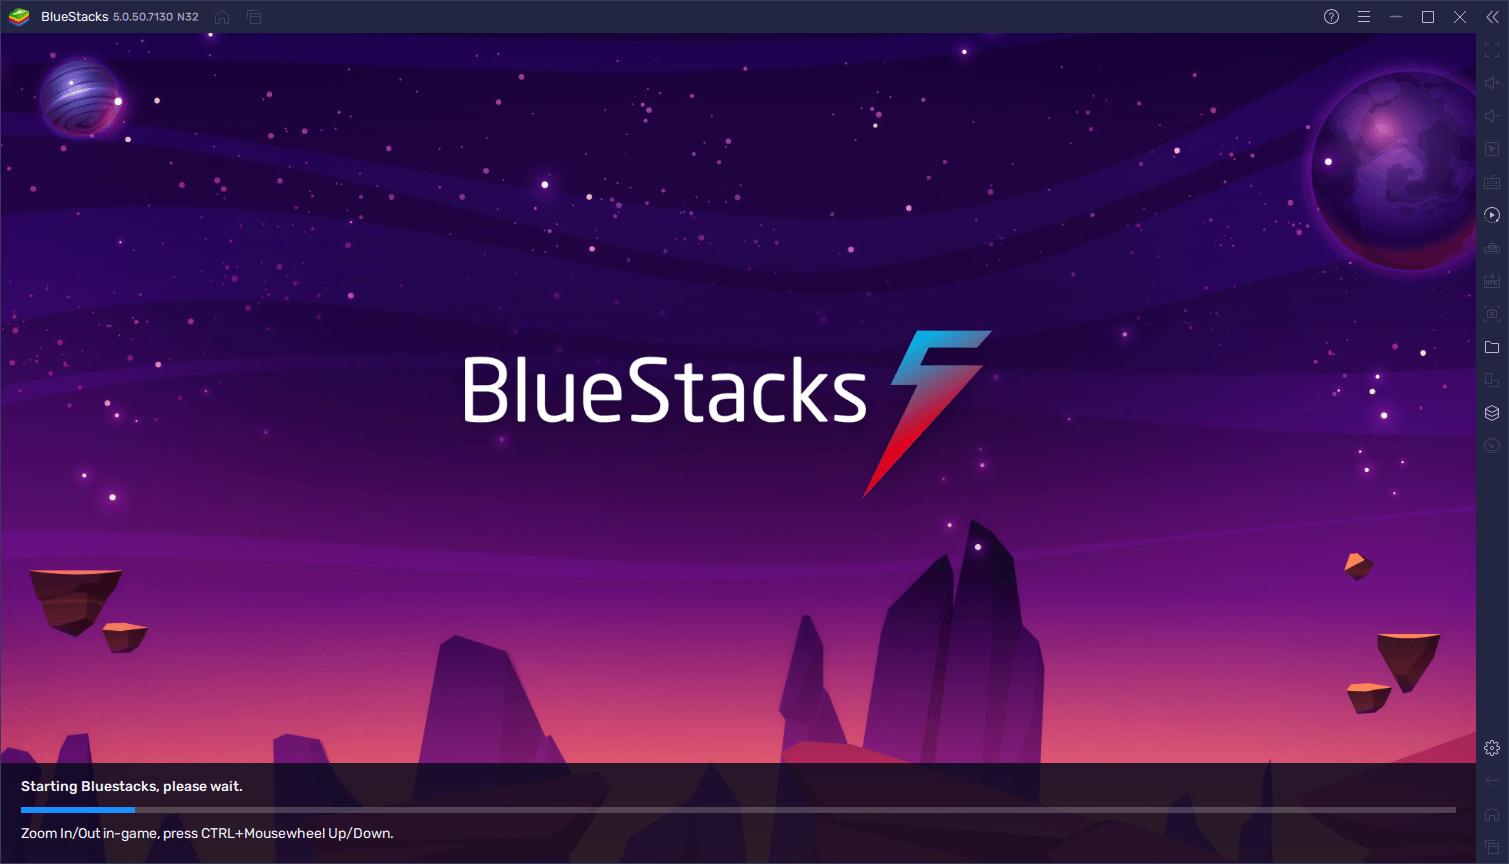 Tính năng Trim Memory của BlueStacks 5: Trải nghiệm không giật lag, ít tốn RAM hơn